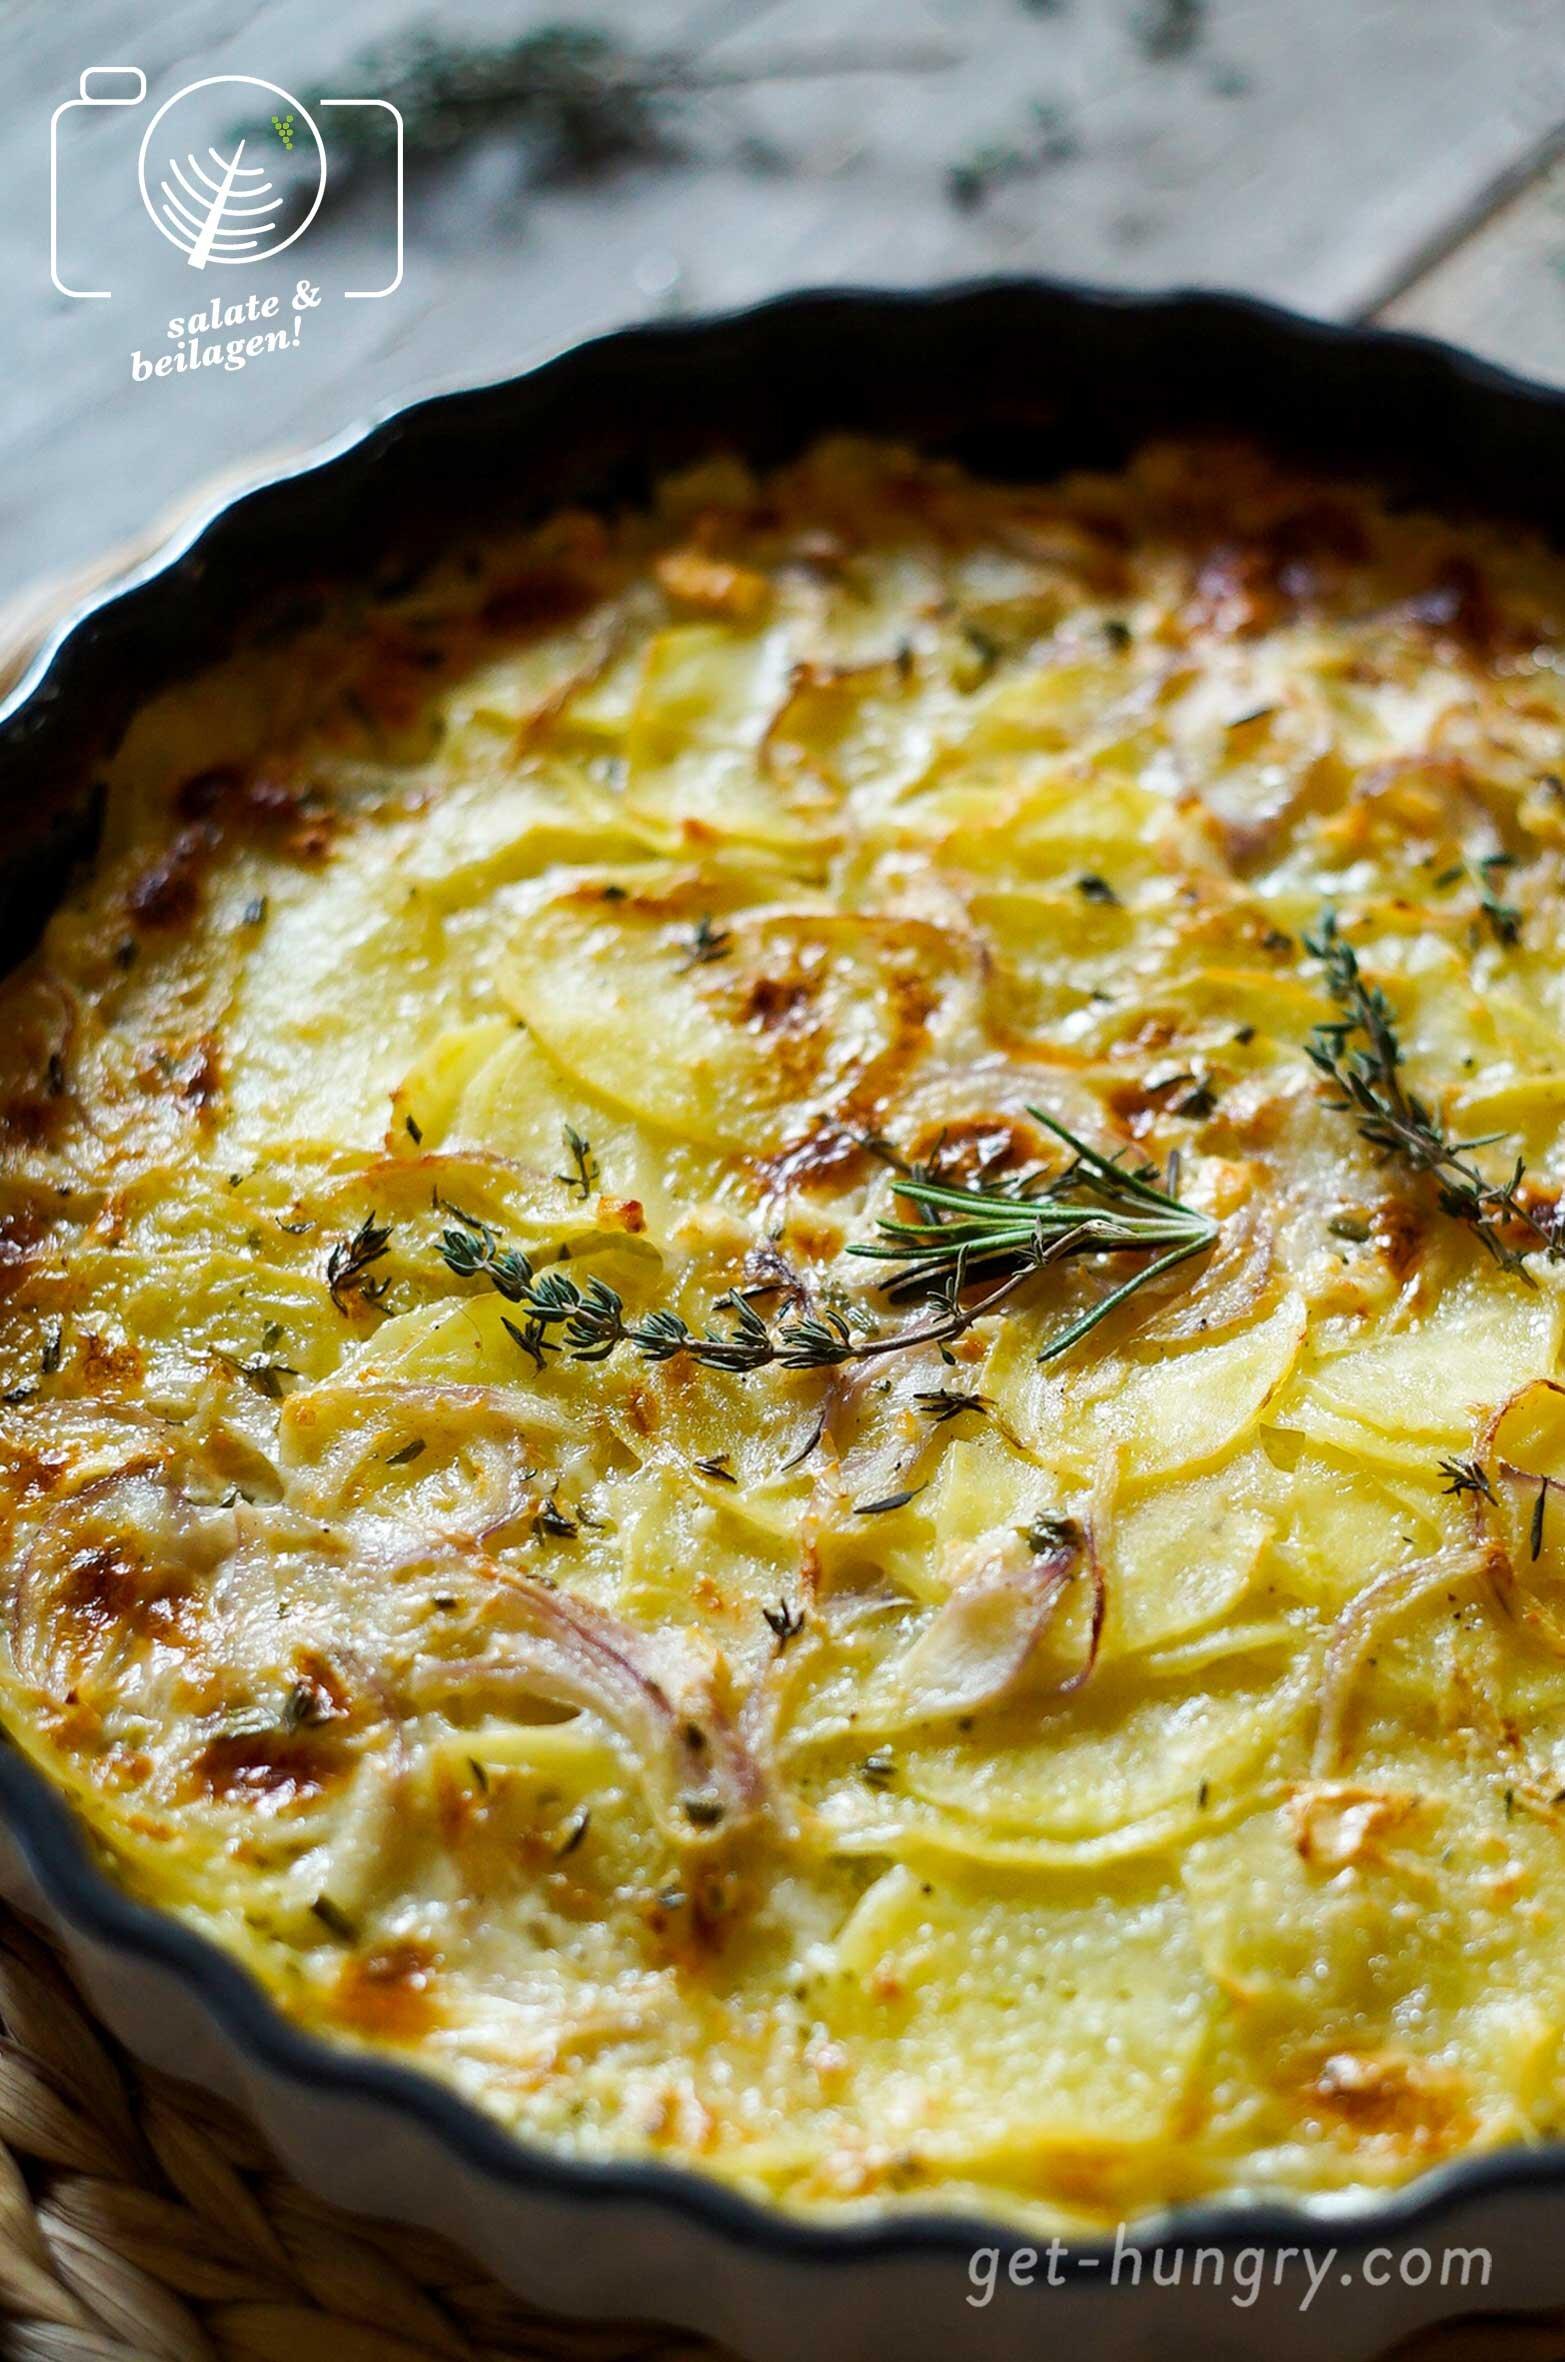 Kartoffelgratin - so einfach, so lecker - mit Ziegenkäse und feinem Kräutermix